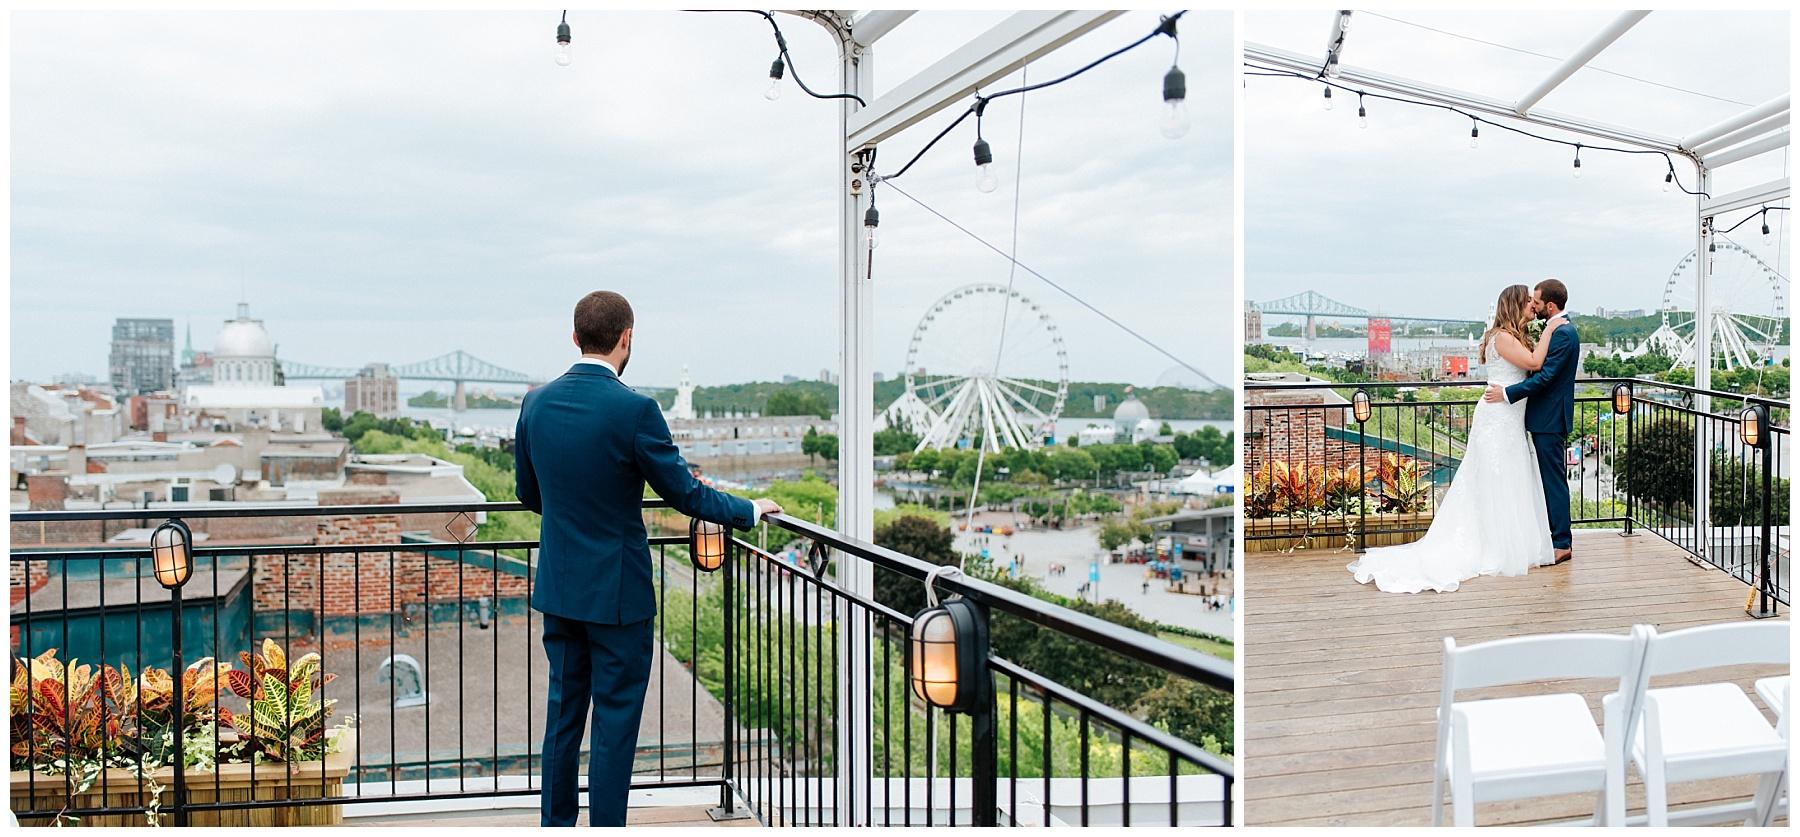 Le marié attends impatiemment de pouvoir enfin voir sa futur épouse sur le toit de l'Auberge du Vieux-Port pour leur first look intime avant leur cérémonie de mariage.